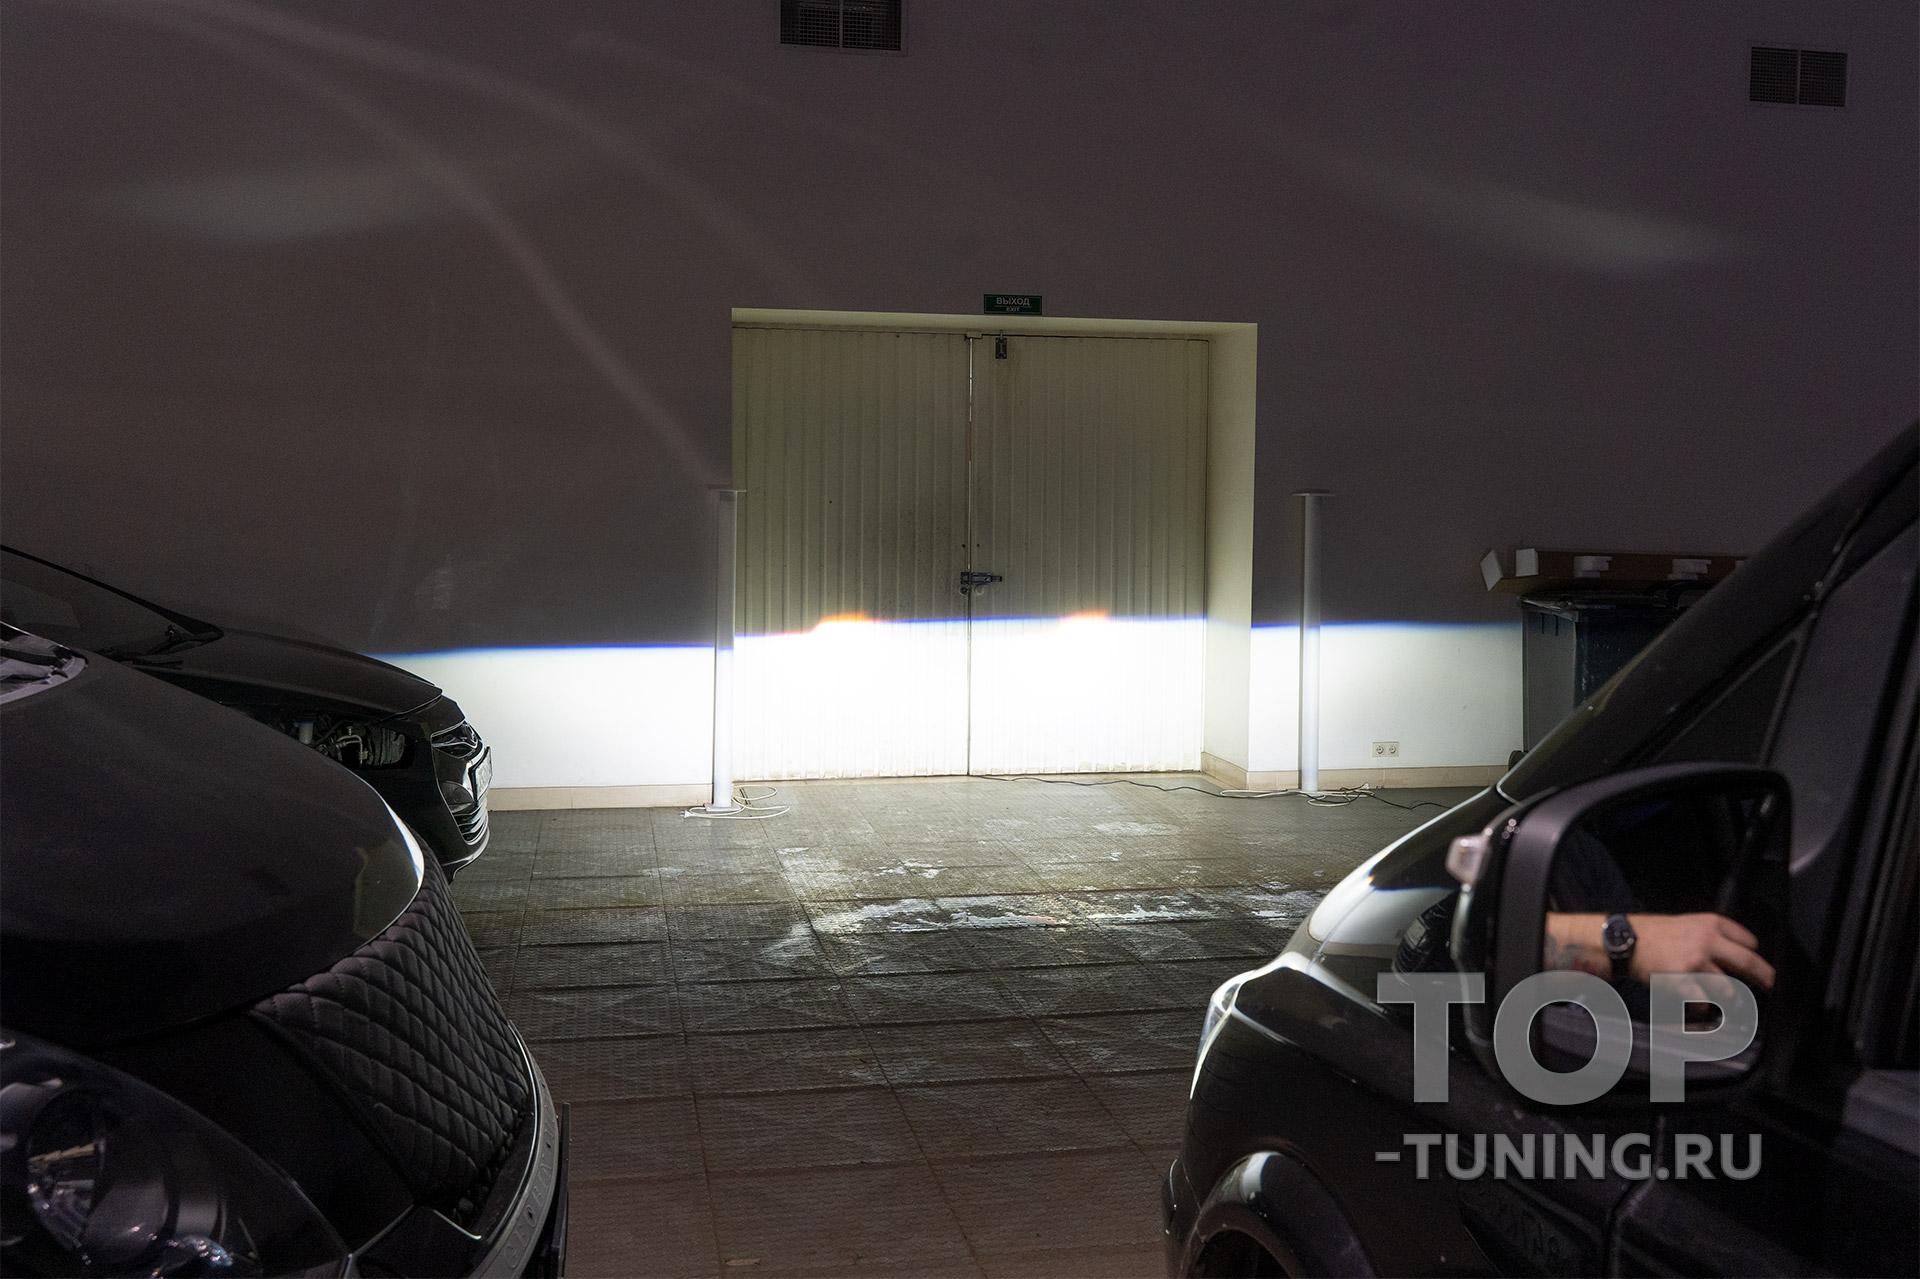 Ближний LED свет в штатные фары Mercedes-Benz Viano - новые линзы MTF Max Beam